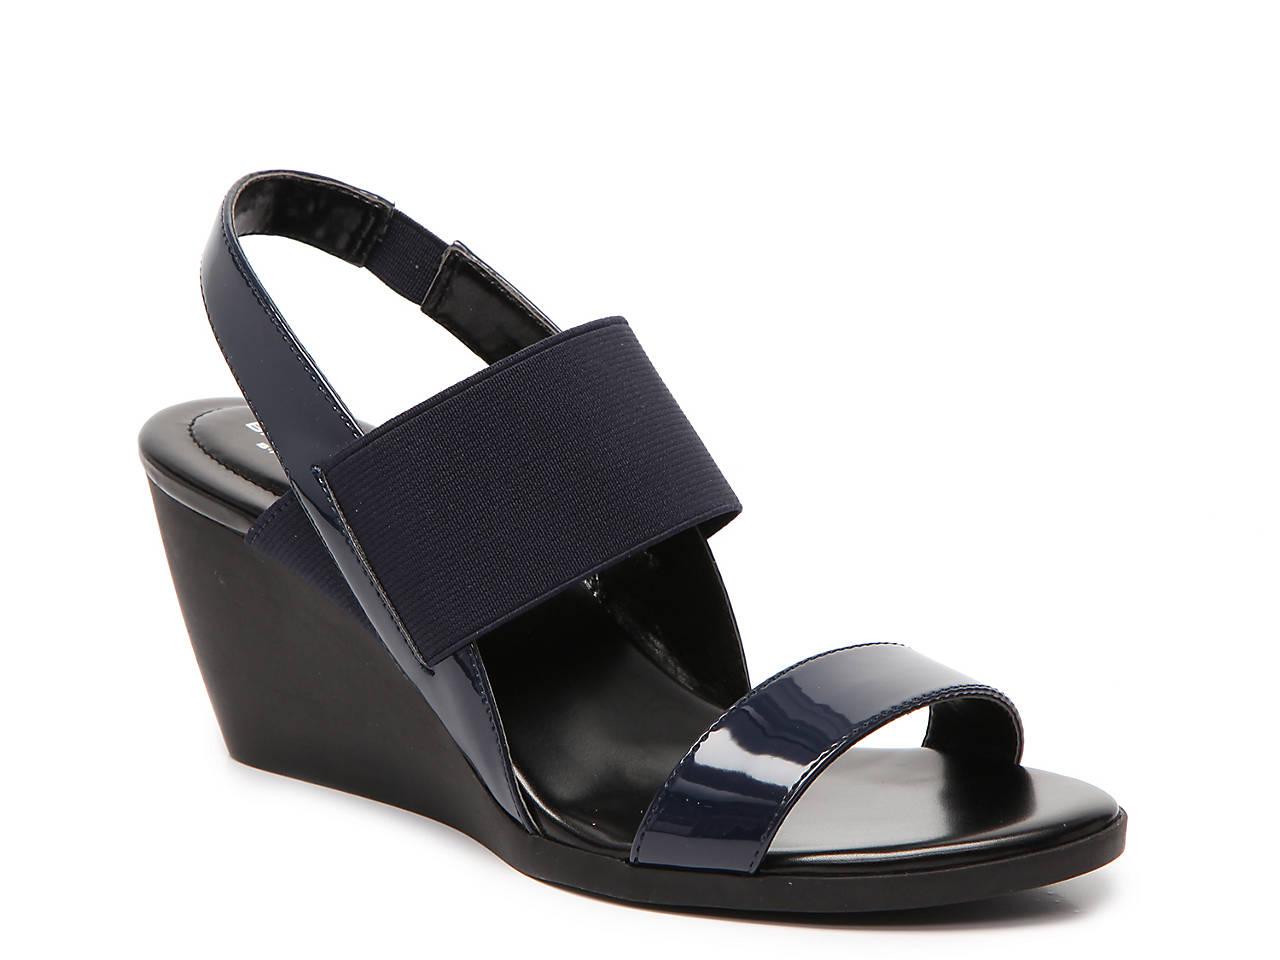 Abbott Wedge Sandal